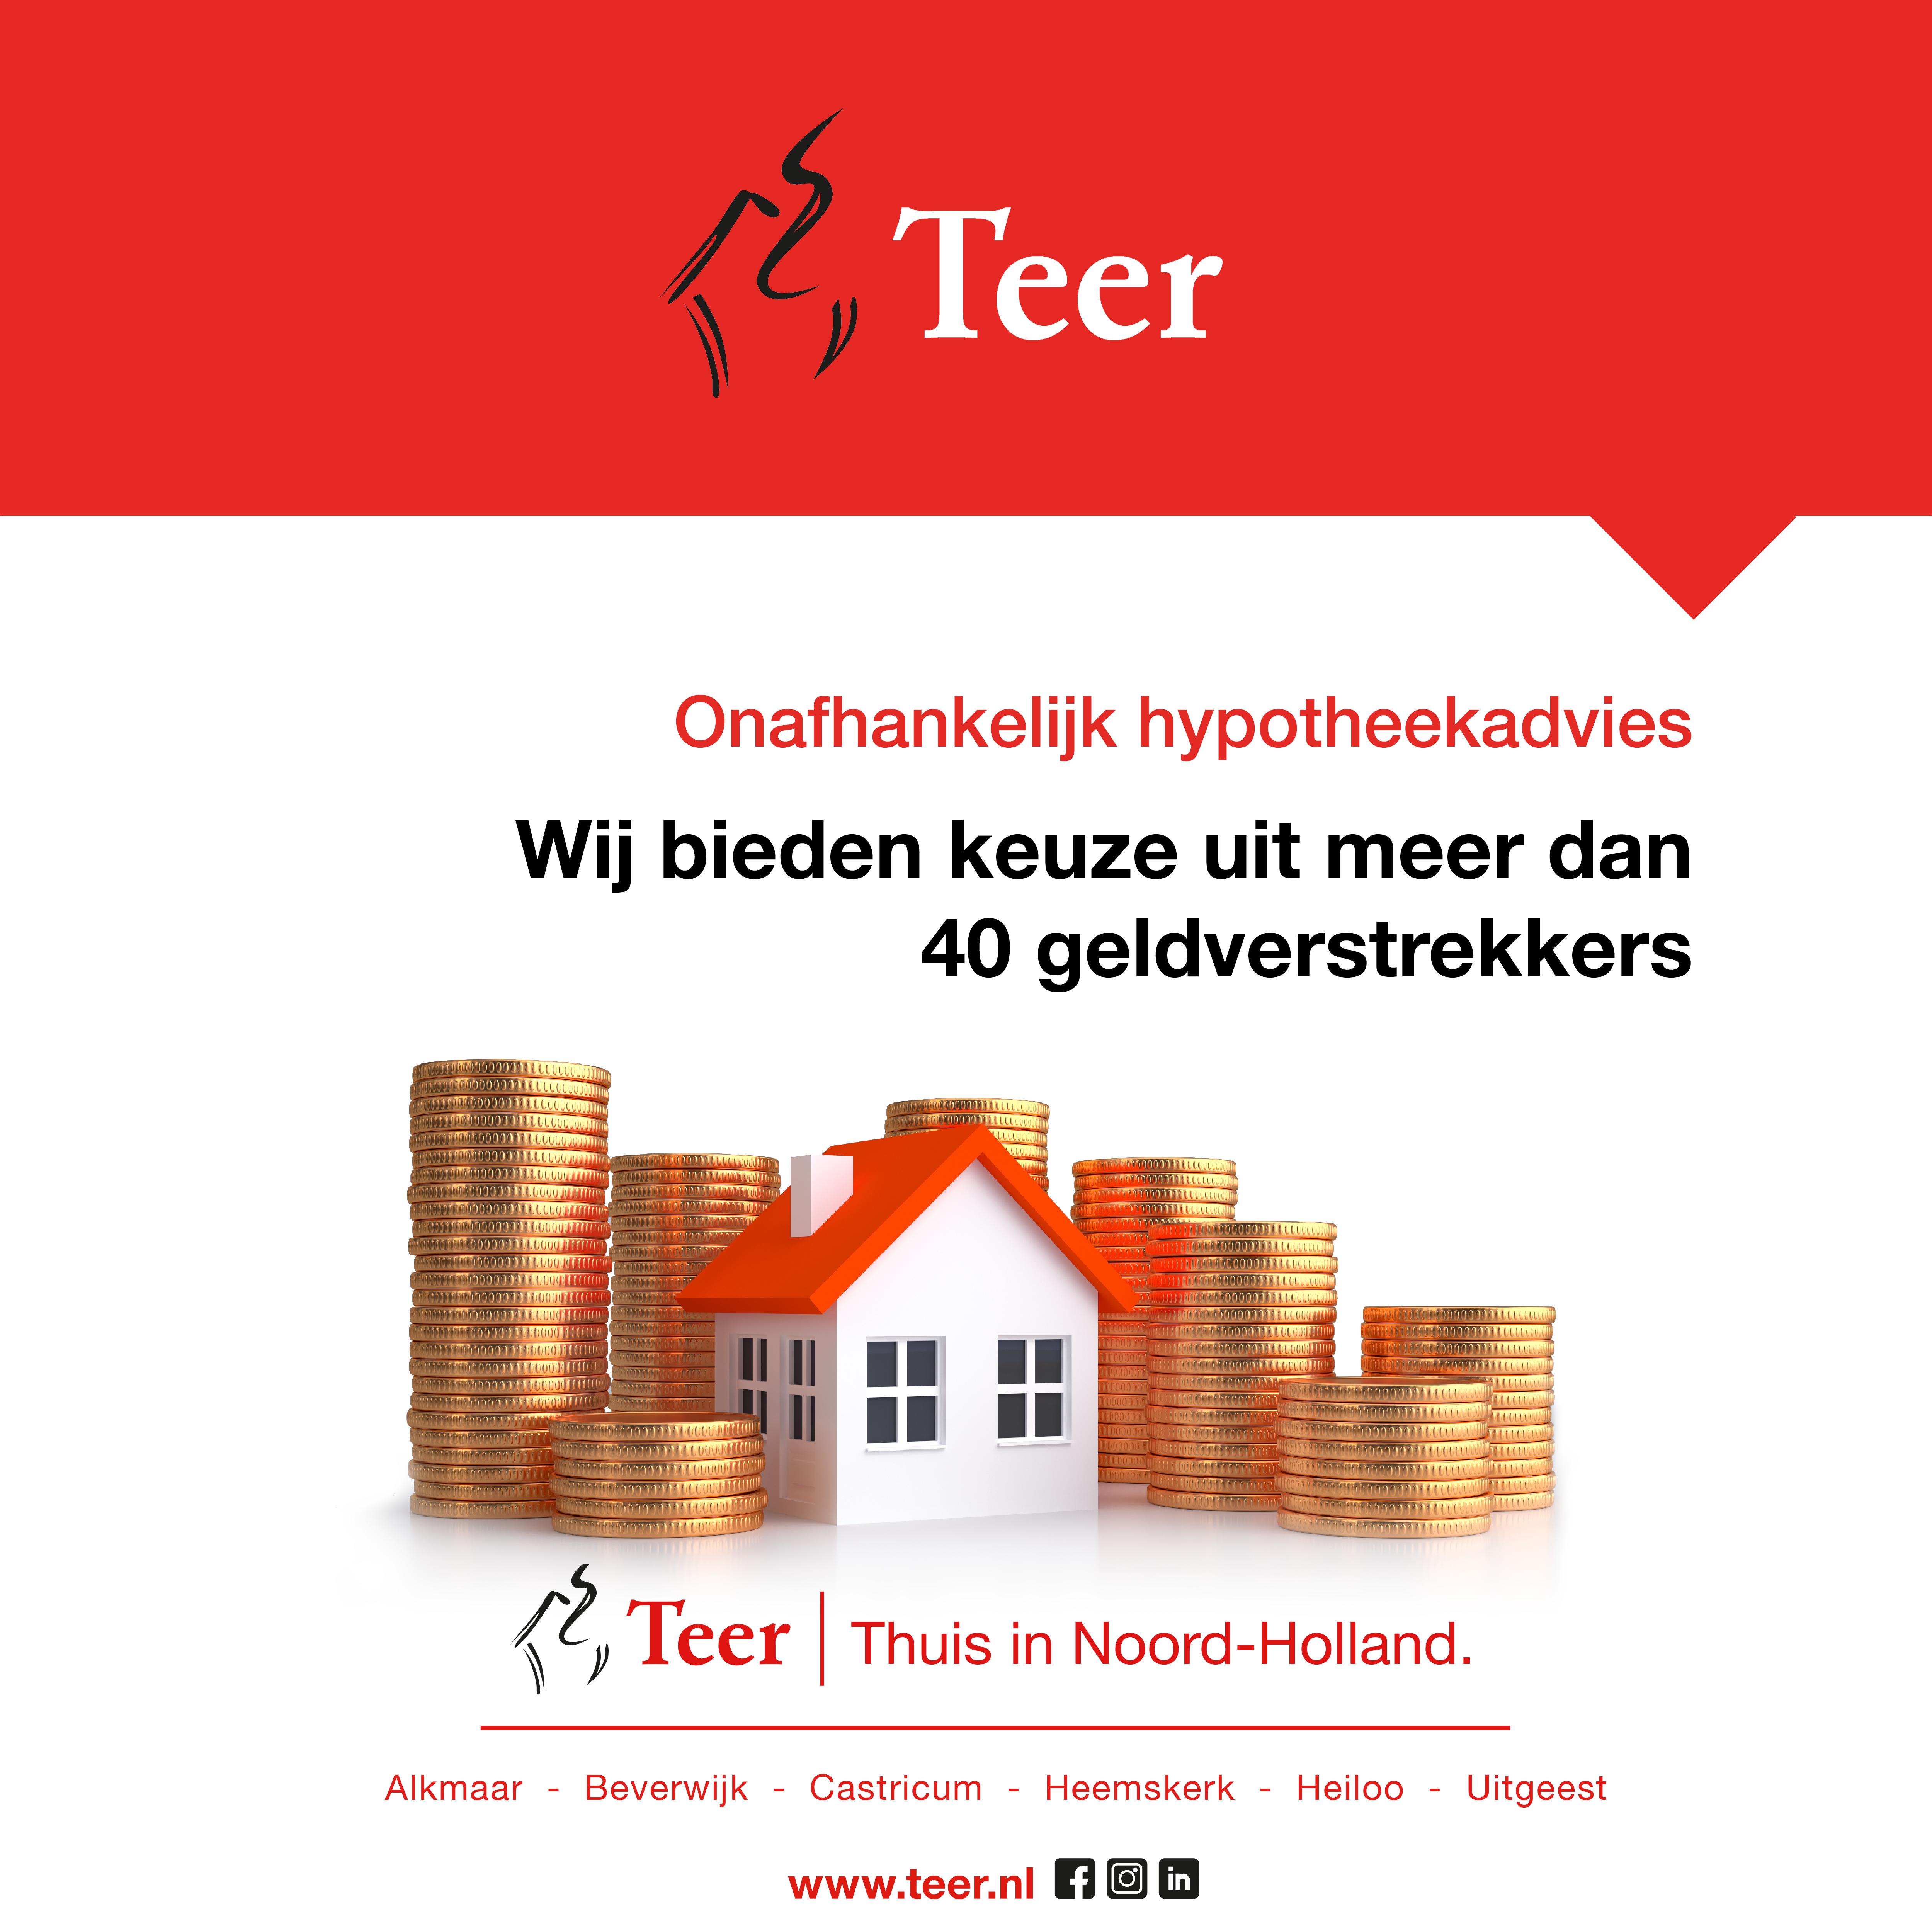 Onafhankelijk hypotheekadvies in de regio